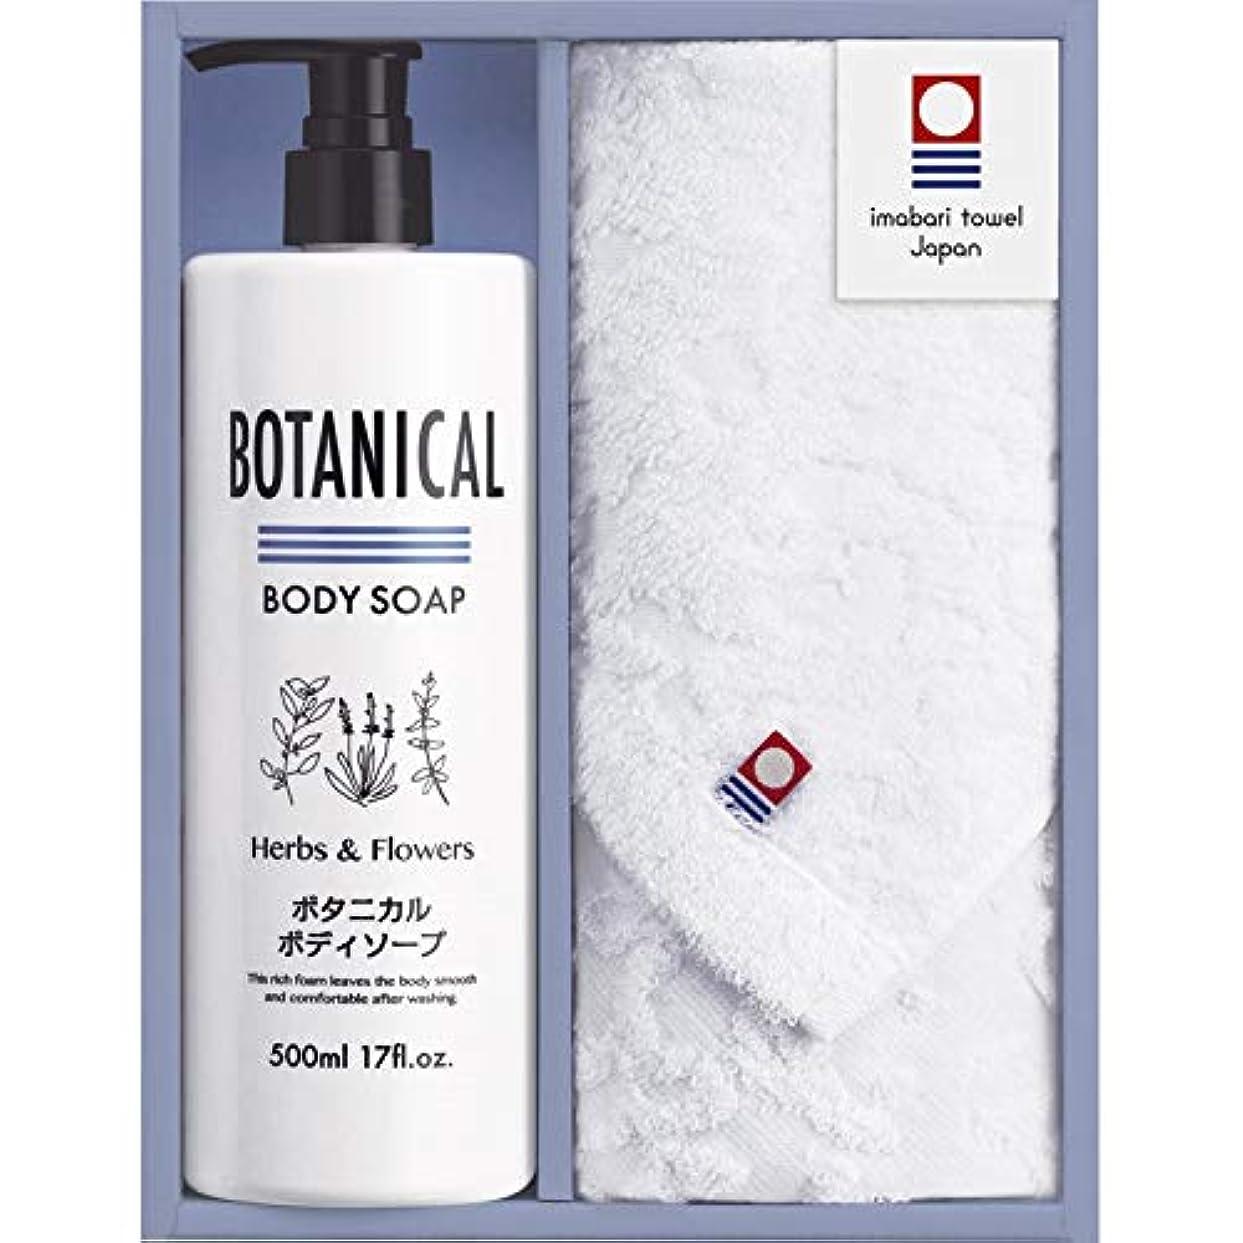 南極しゃがむ状況ボタニカルボディソープセット BOB-10 【ぼたにかるぼでぃそーぷせっと 国産 日本製 詰め合わせ つめあわせ たおる ごうせいちゃくしょくりょうふりー いまばり しょくぶつせいげんりょう】